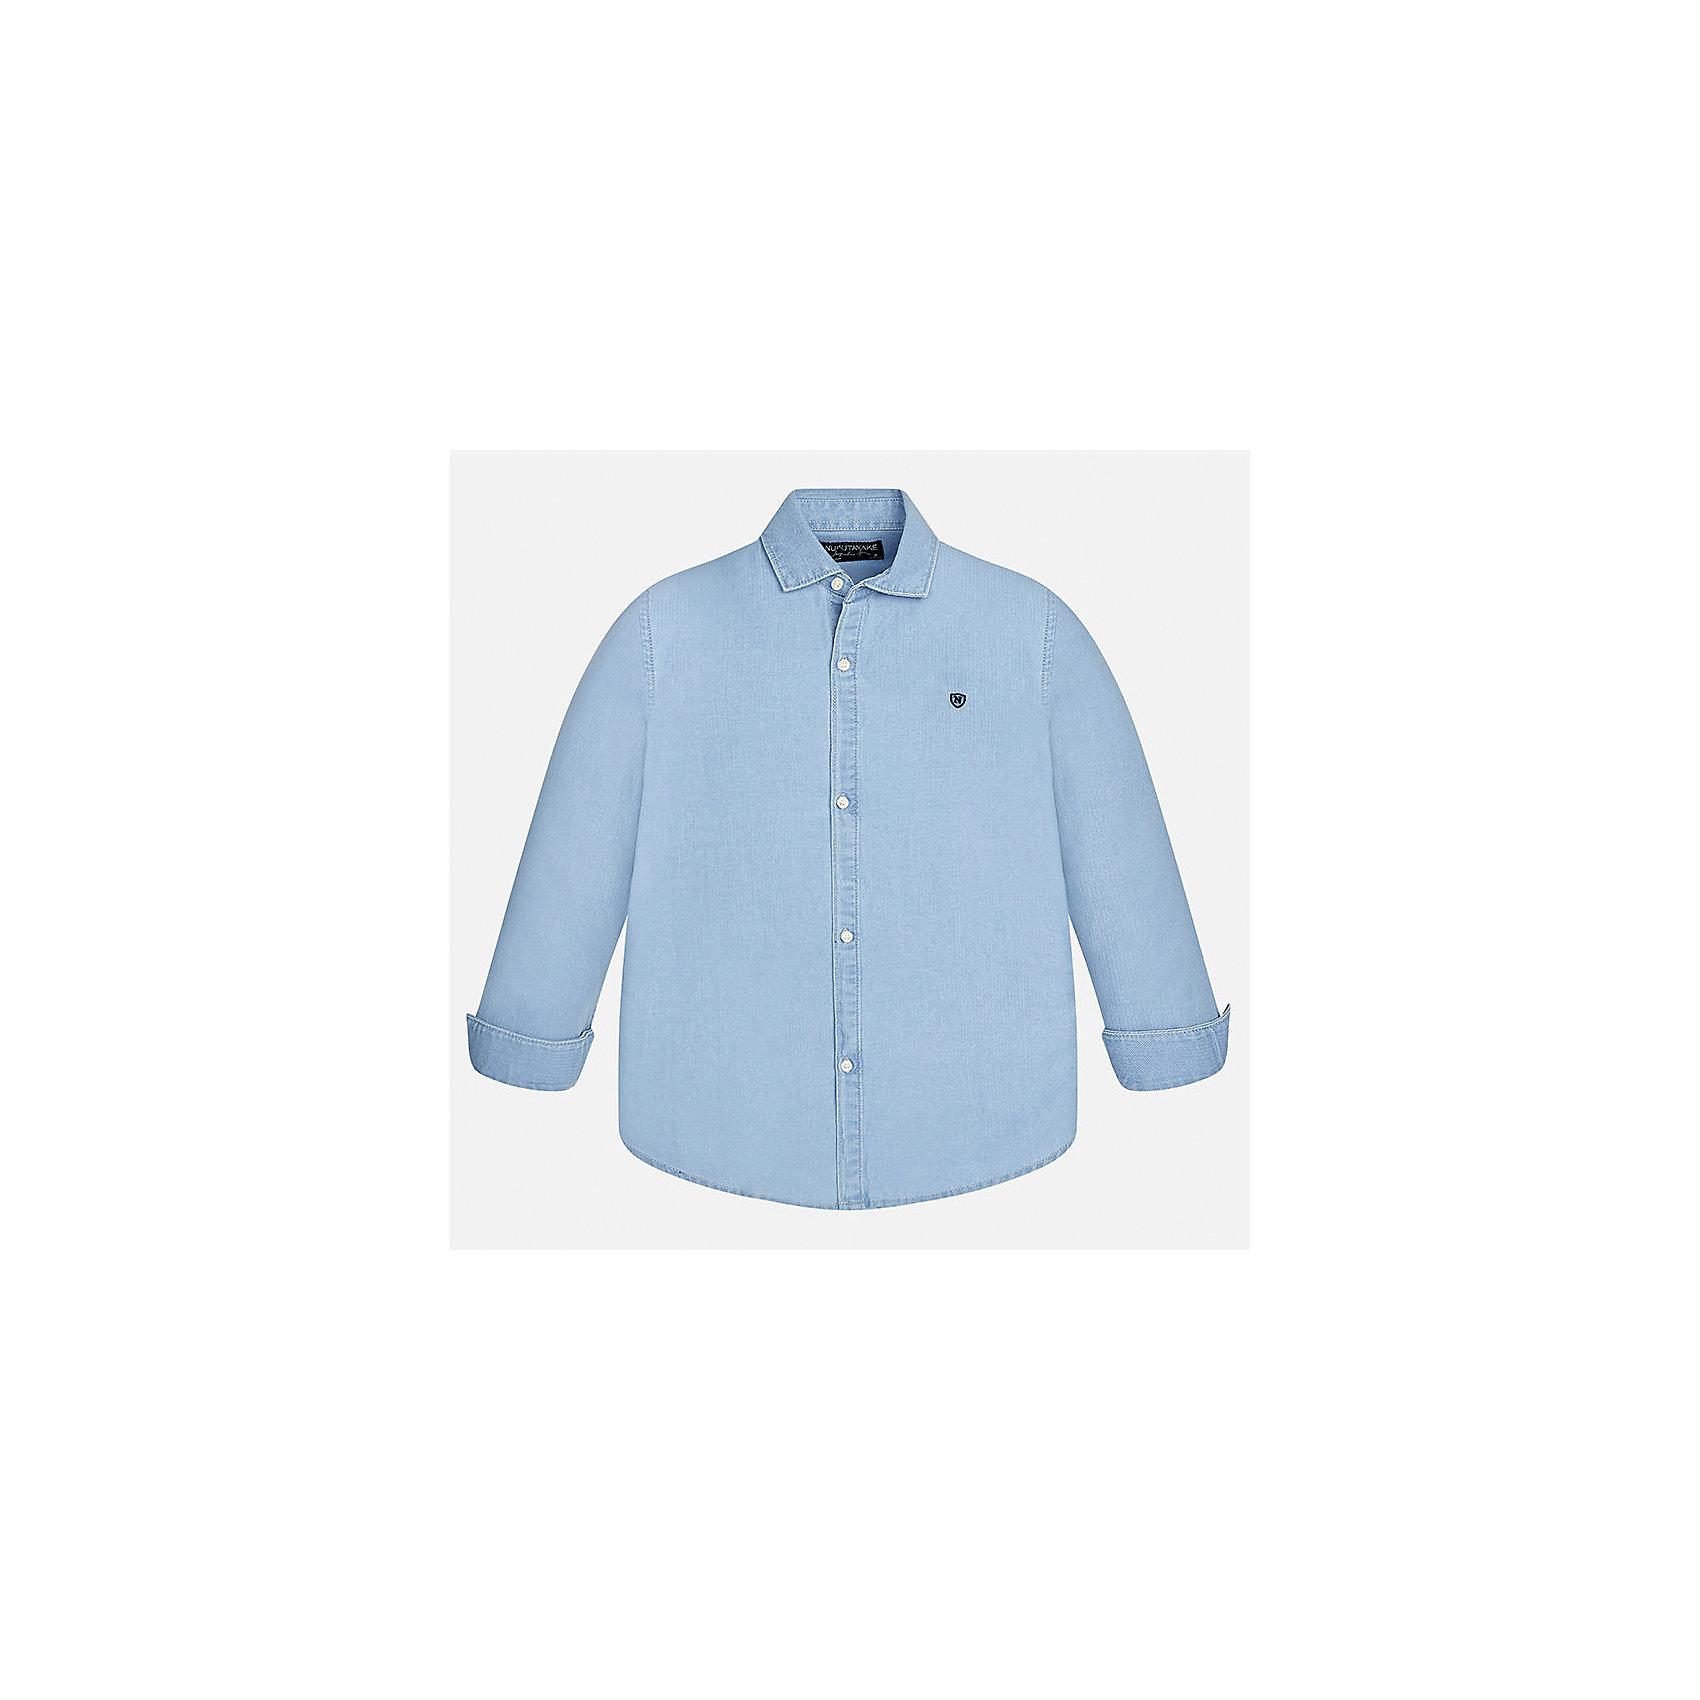 Рубашка для мальчика MayoralБлузки и рубашки<br>Характеристики товара:<br><br>• цвет: голубой<br>• состав ткани: 100% хлопок<br>• сезон: демисезон<br>• особенности модели: школьная<br>• застежка: пуговицы<br>• длинные рукава<br>• страна бренда: Испания<br>• страна изготовитель: Индия<br><br>Голубая рубашка с длинным рукавом для мальчика от Майорал поможет обеспечить ребенку комфорт. Детская рубашка отличается стильным и продуманным дизайном. В рубашке для мальчика от испанской компании Майорал ребенок будет выглядеть модно, а чувствовать себя - комфортно. <br><br>Рубашку для мальчика Mayoral (Майорал) можно купить в нашем интернет-магазине.<br><br>Ширина мм: 174<br>Глубина мм: 10<br>Высота мм: 169<br>Вес г: 157<br>Цвет: белый<br>Возраст от месяцев: 168<br>Возраст до месяцев: 180<br>Пол: Мужской<br>Возраст: Детский<br>Размер: 170,128/134,140,152,158,164<br>SKU: 6933563